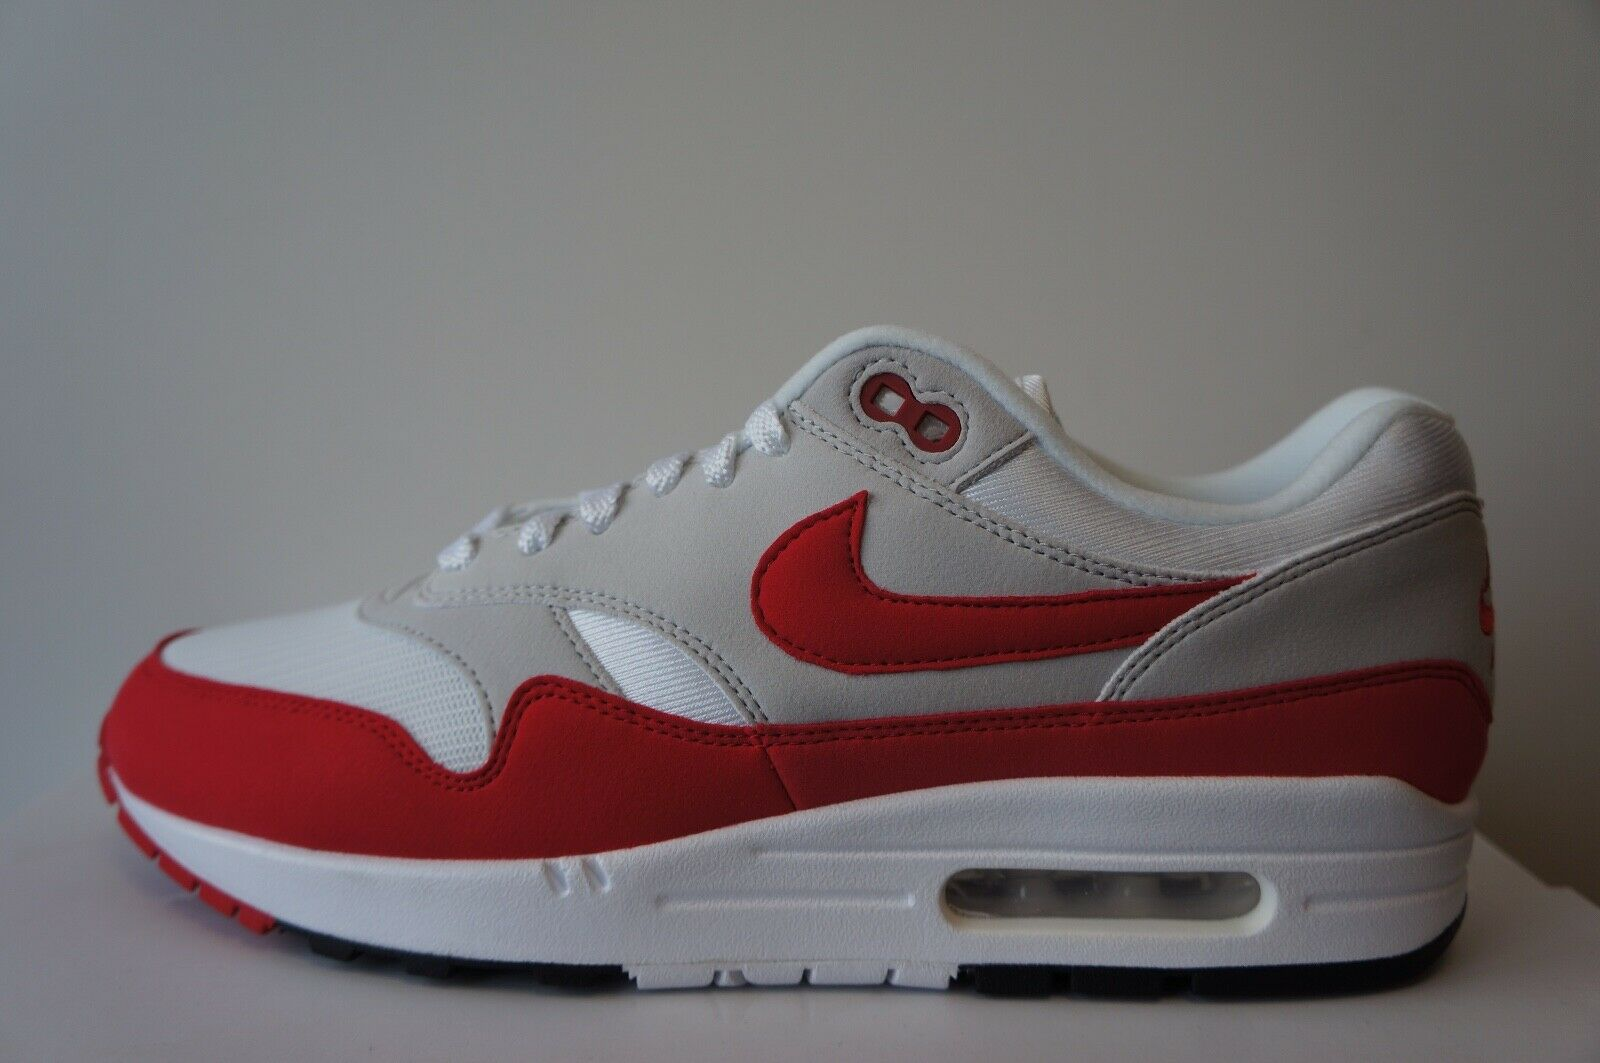 Nike Air Max 1 OG Anniversary rot (Größe 37-49.5) 908375103    | Authentische Garantie